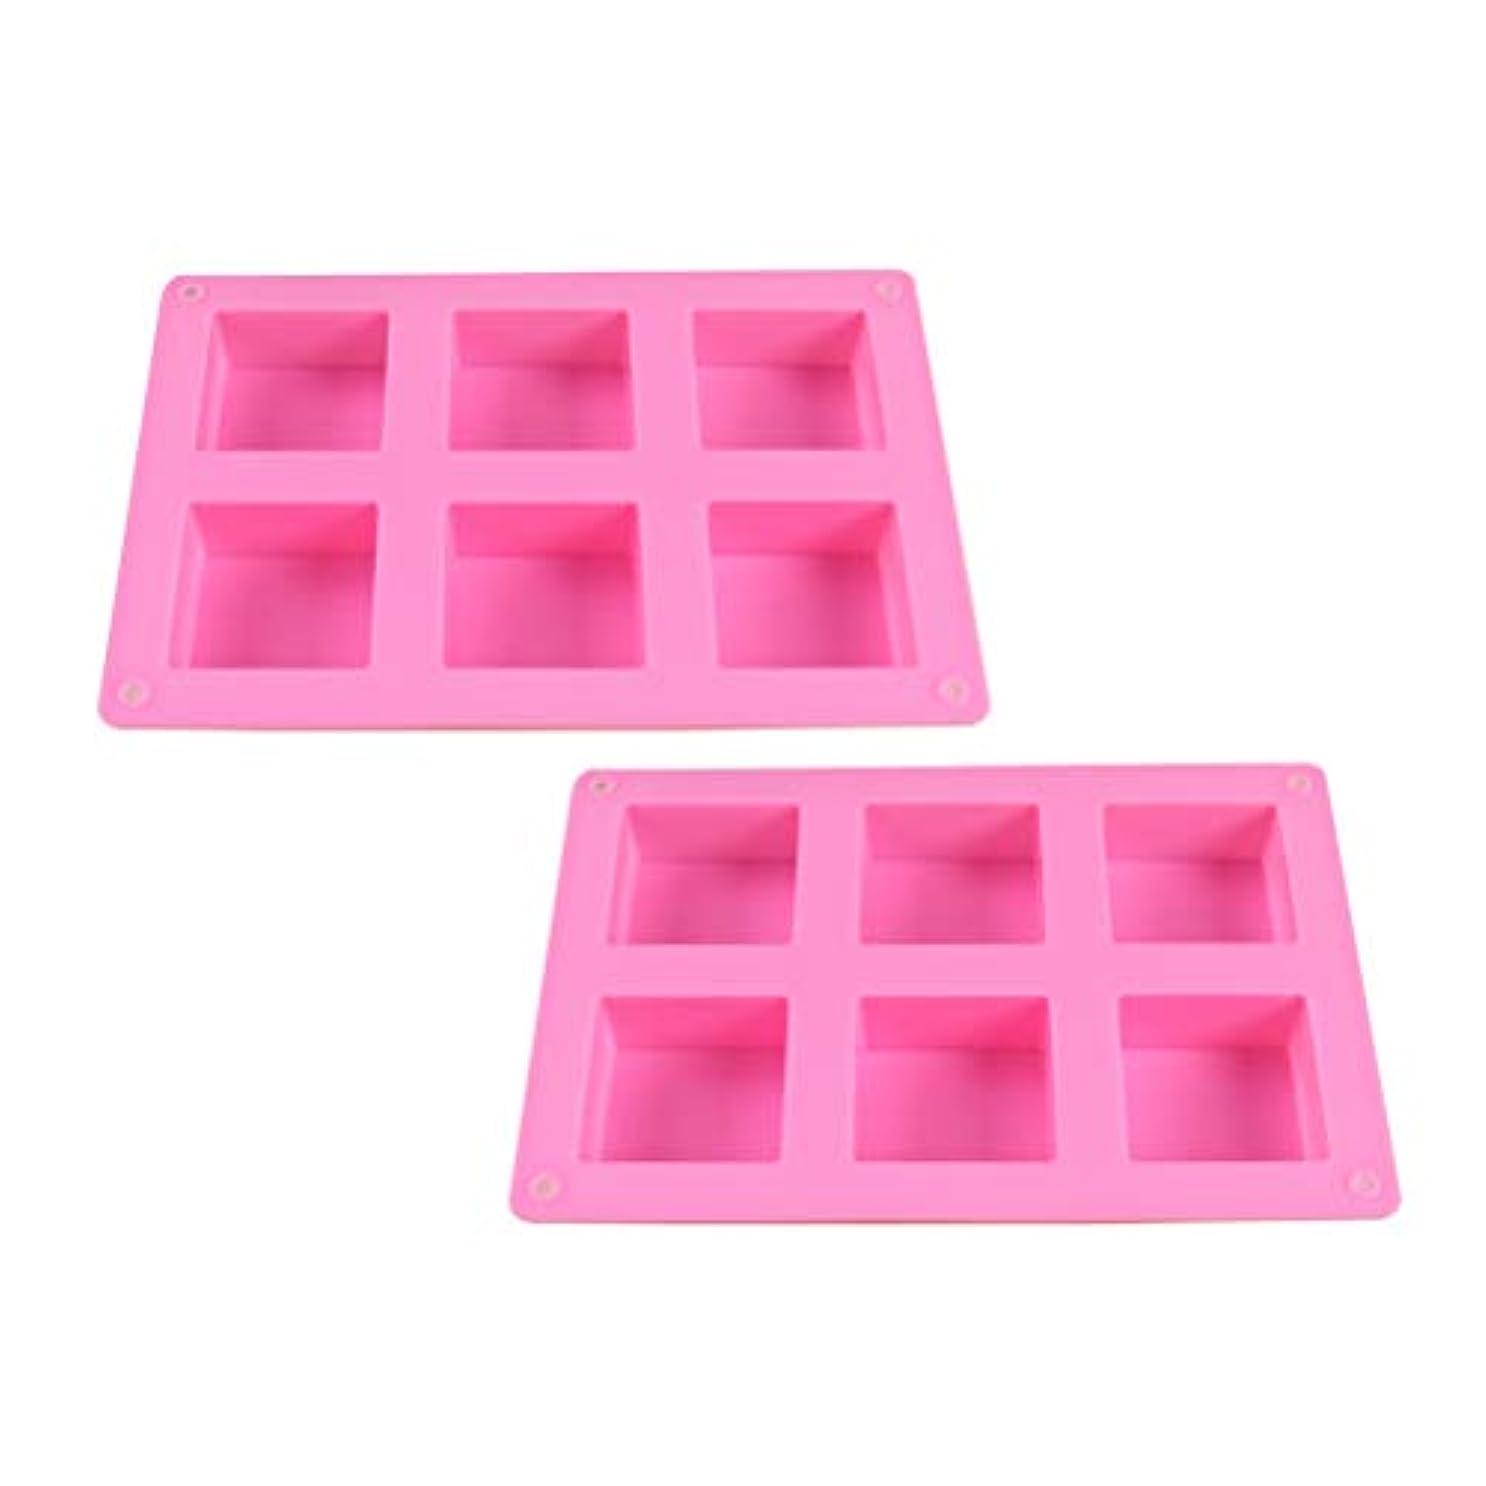 囲む不倫先入観HEALIFTY DIYのケーキのベーキング型のための6つのキャビティシリコーンの石鹸型との石鹸作りのための2PCS石鹸型